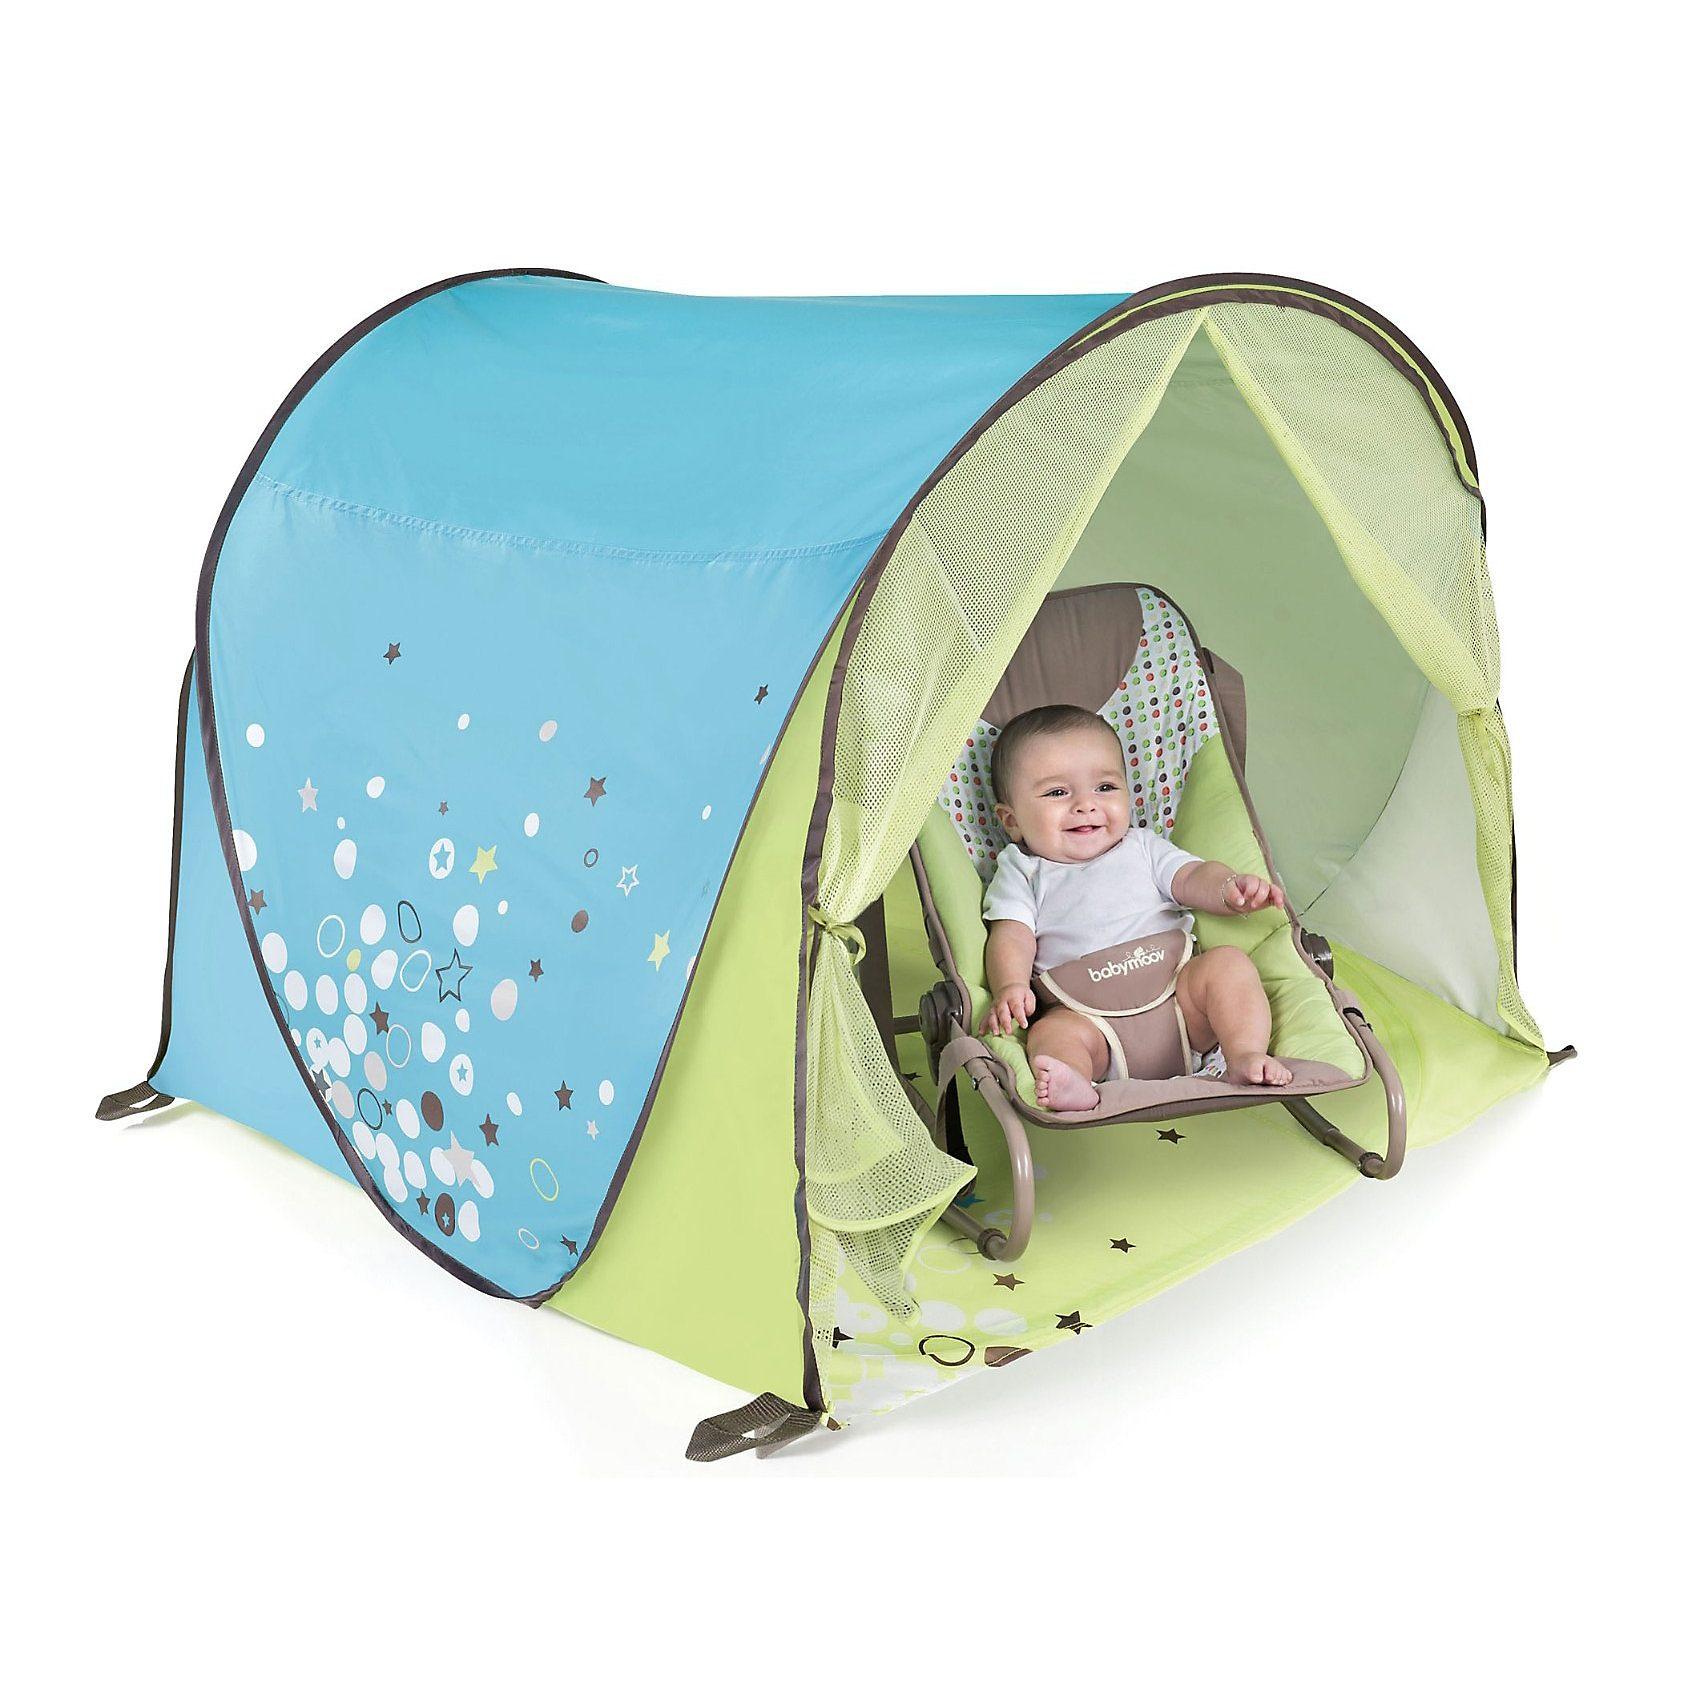 Babymoov Babyzelt mit UV-Schutz, blau/grün